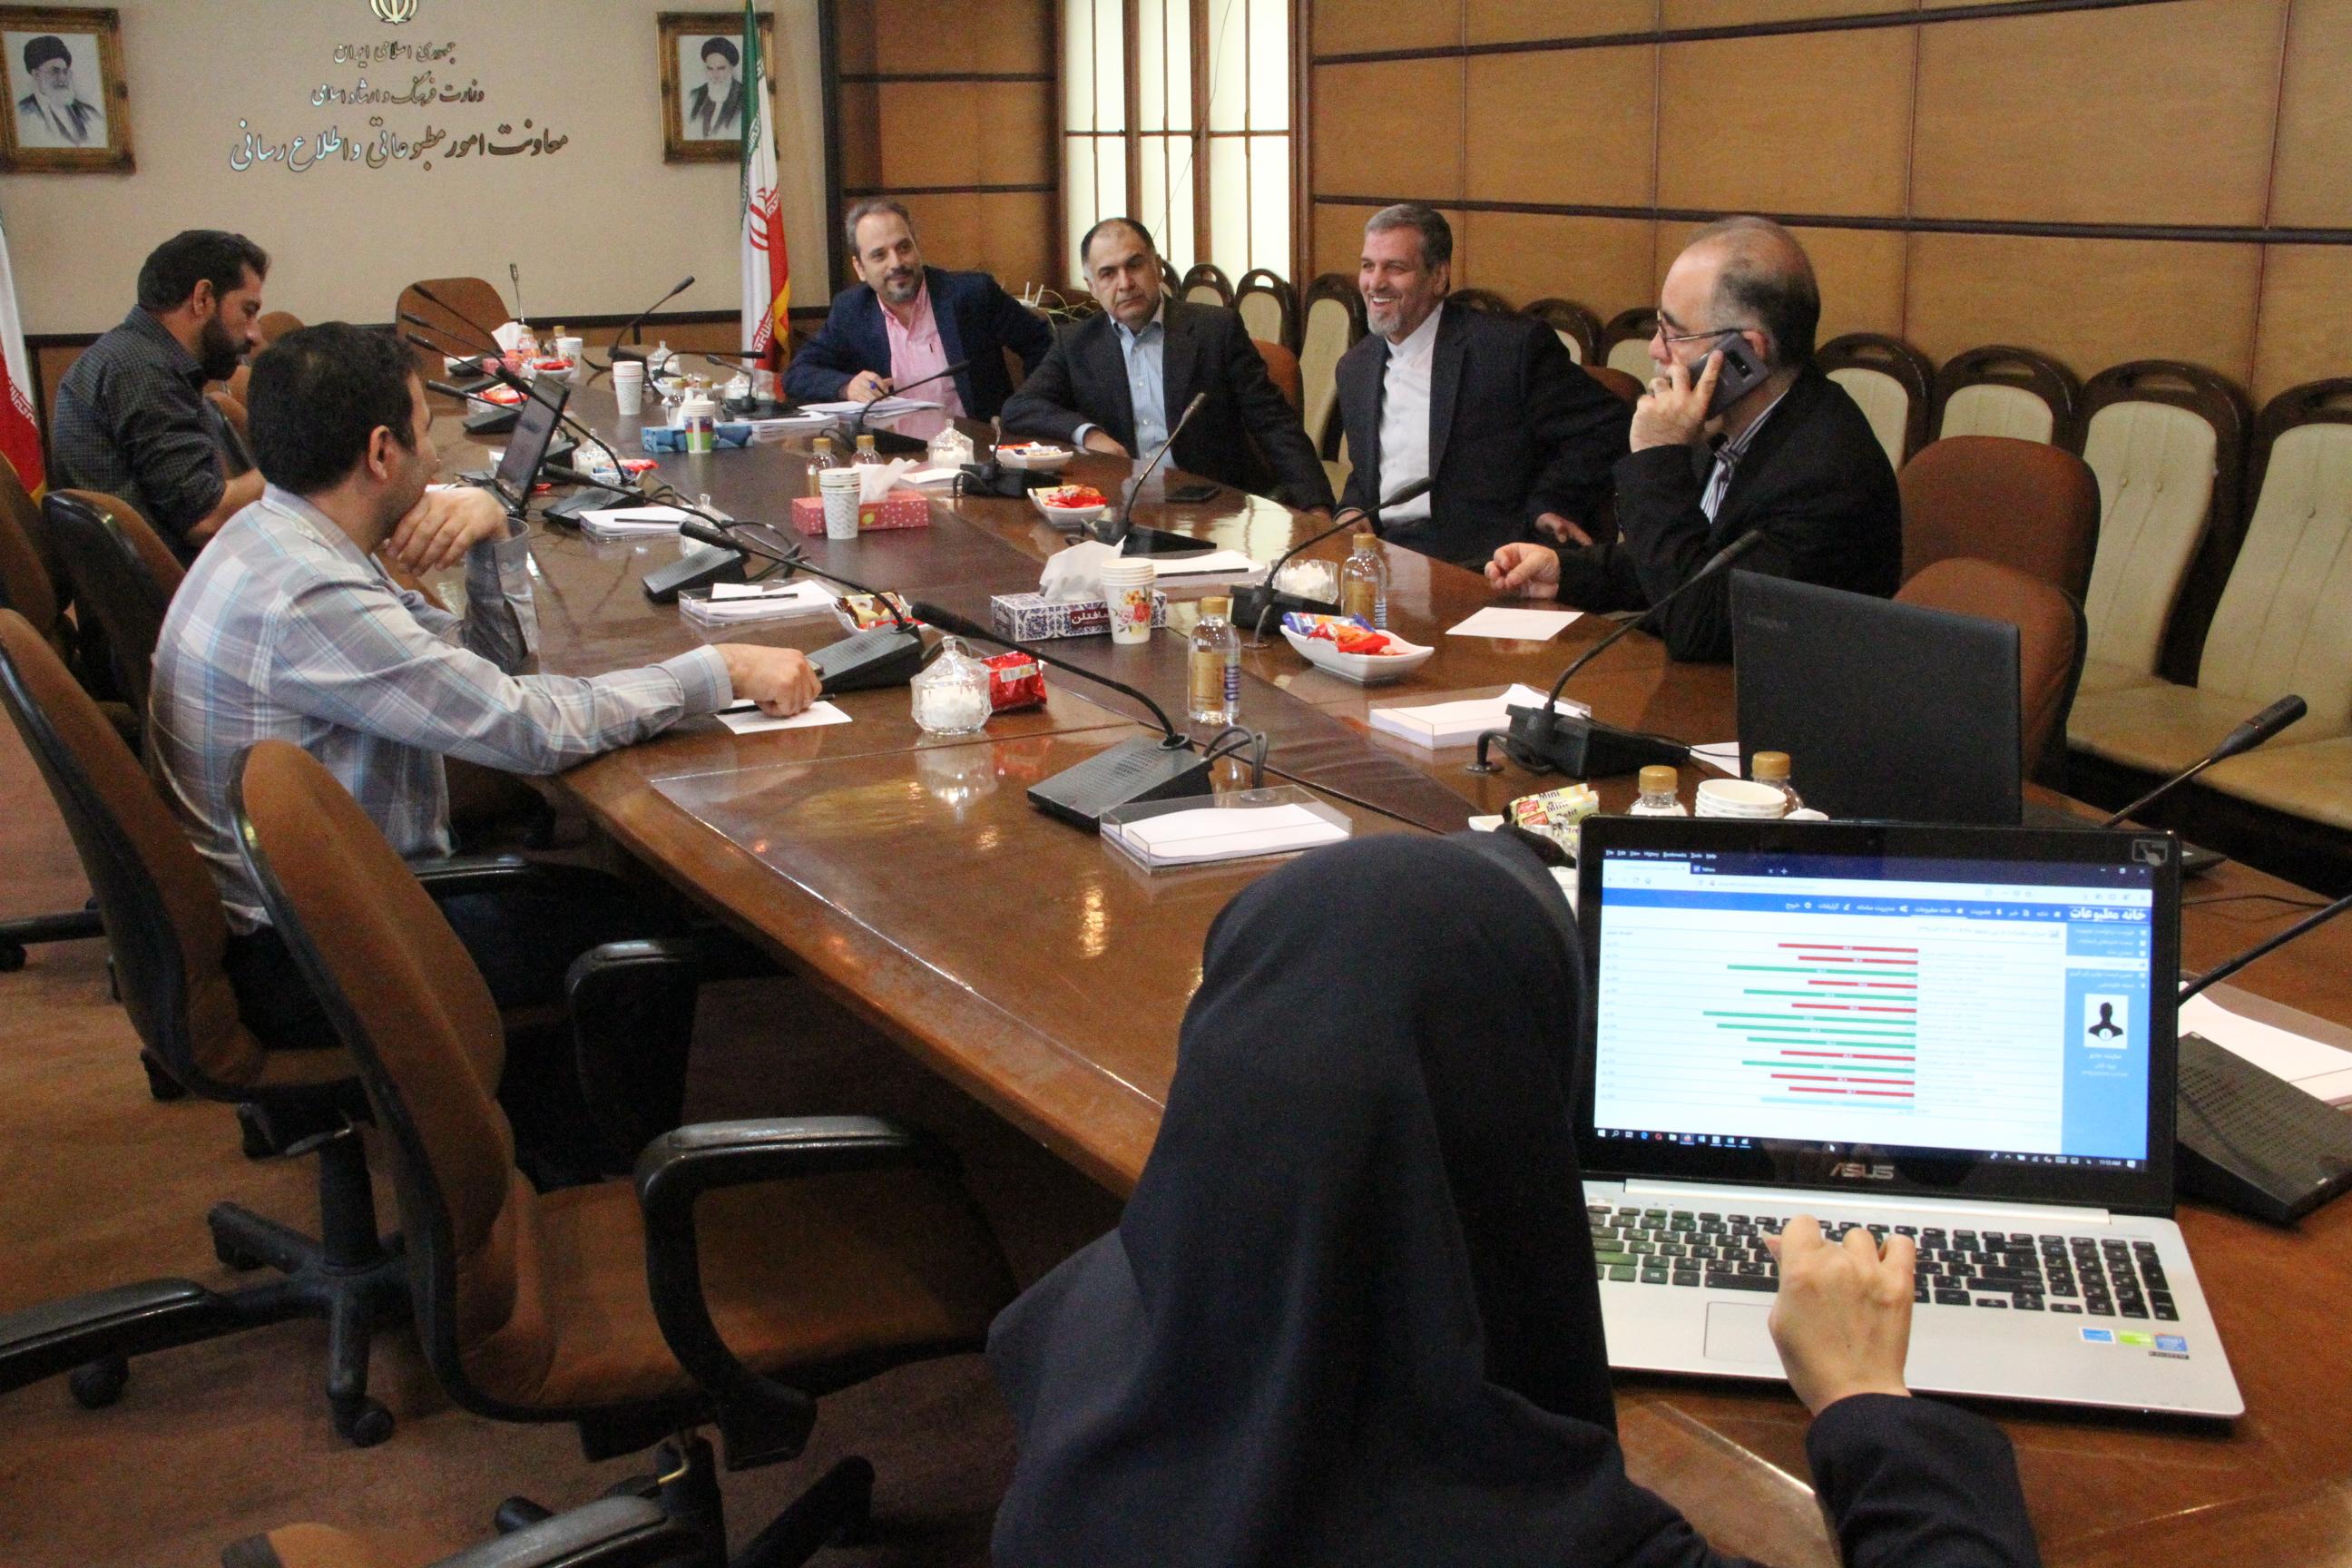 انتخابات الکترونیکی هیئت مدیره خانههای مطبوعات استانها آغاز شد